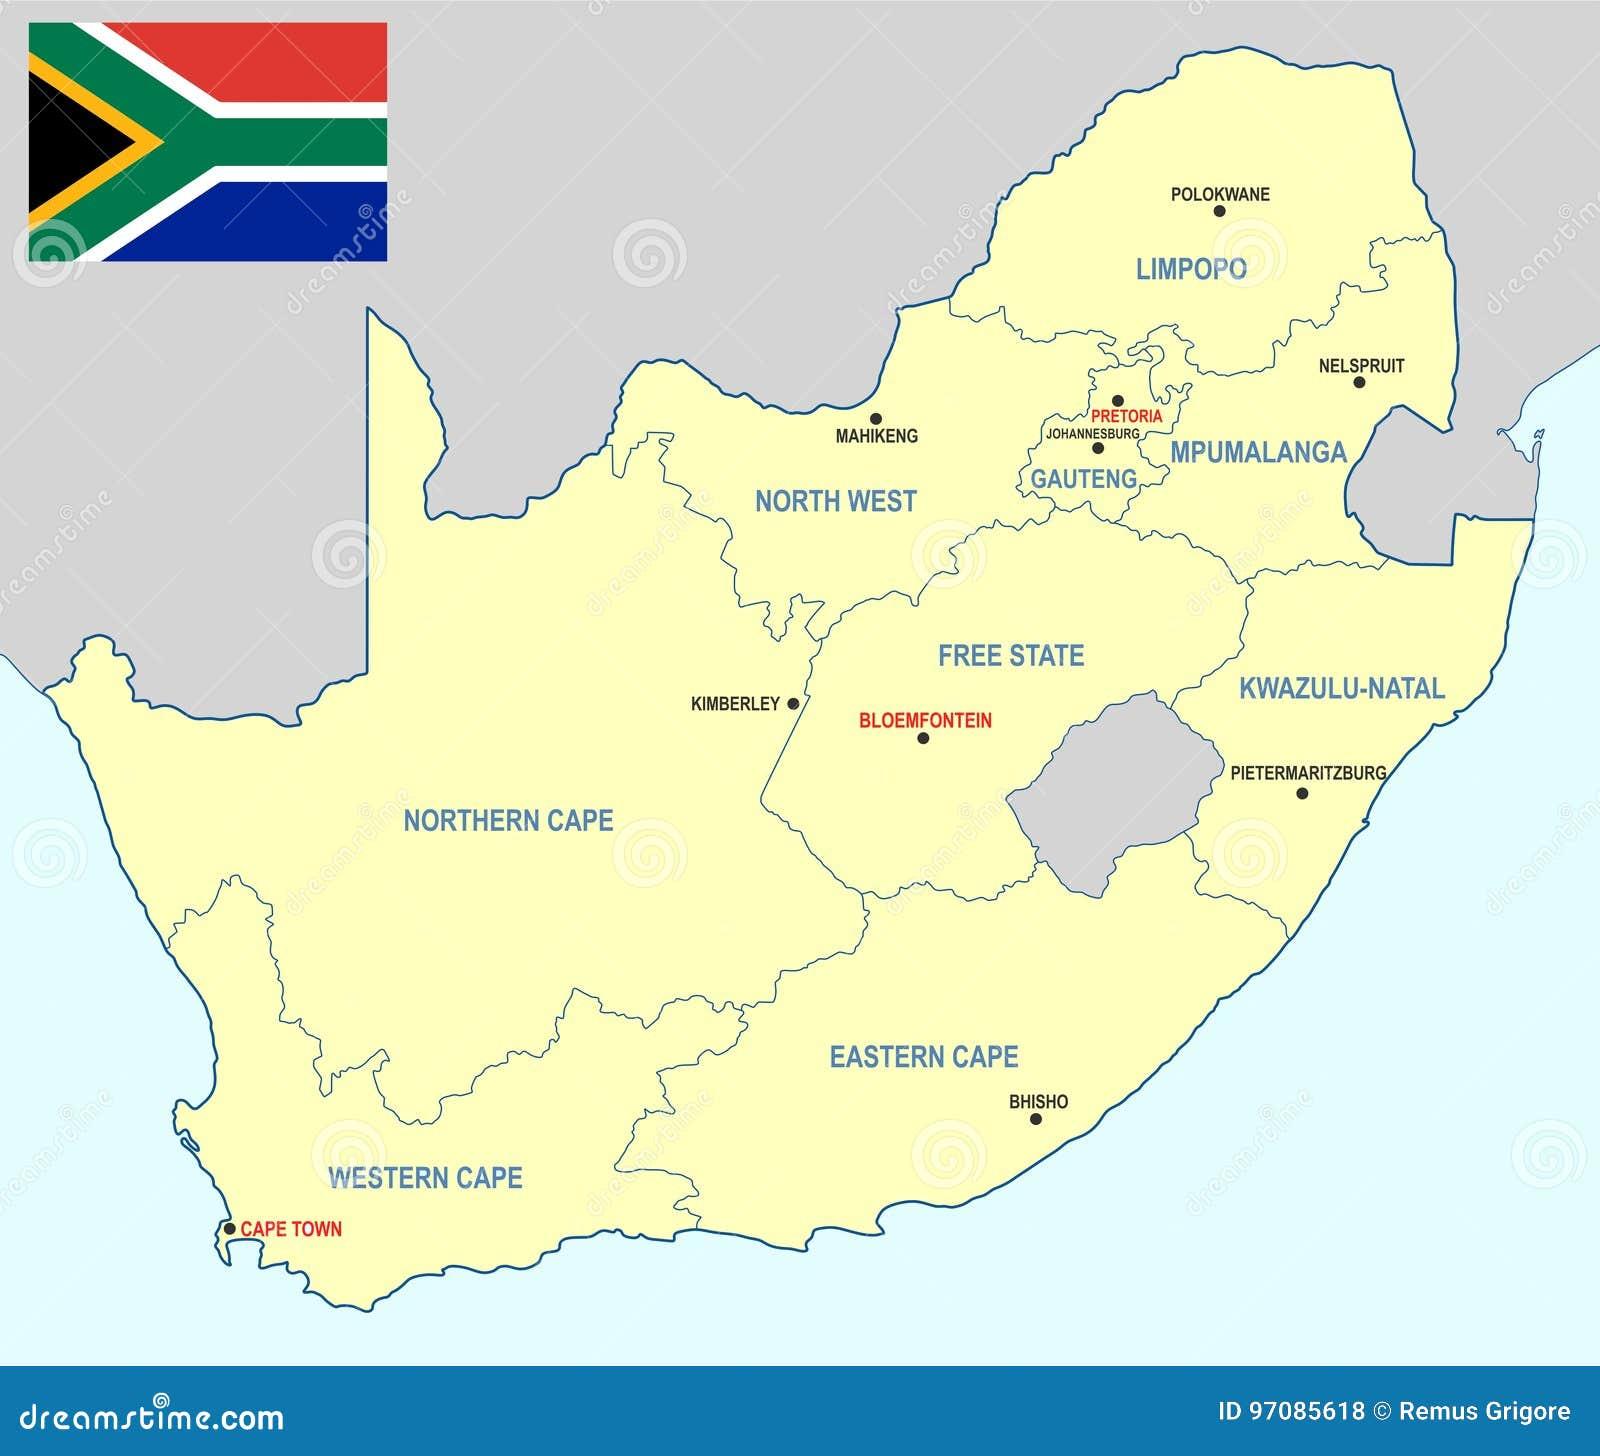 Südafrika Karte.Südafrika Karte Cdrformat Vektor Abbildung Illustration Von